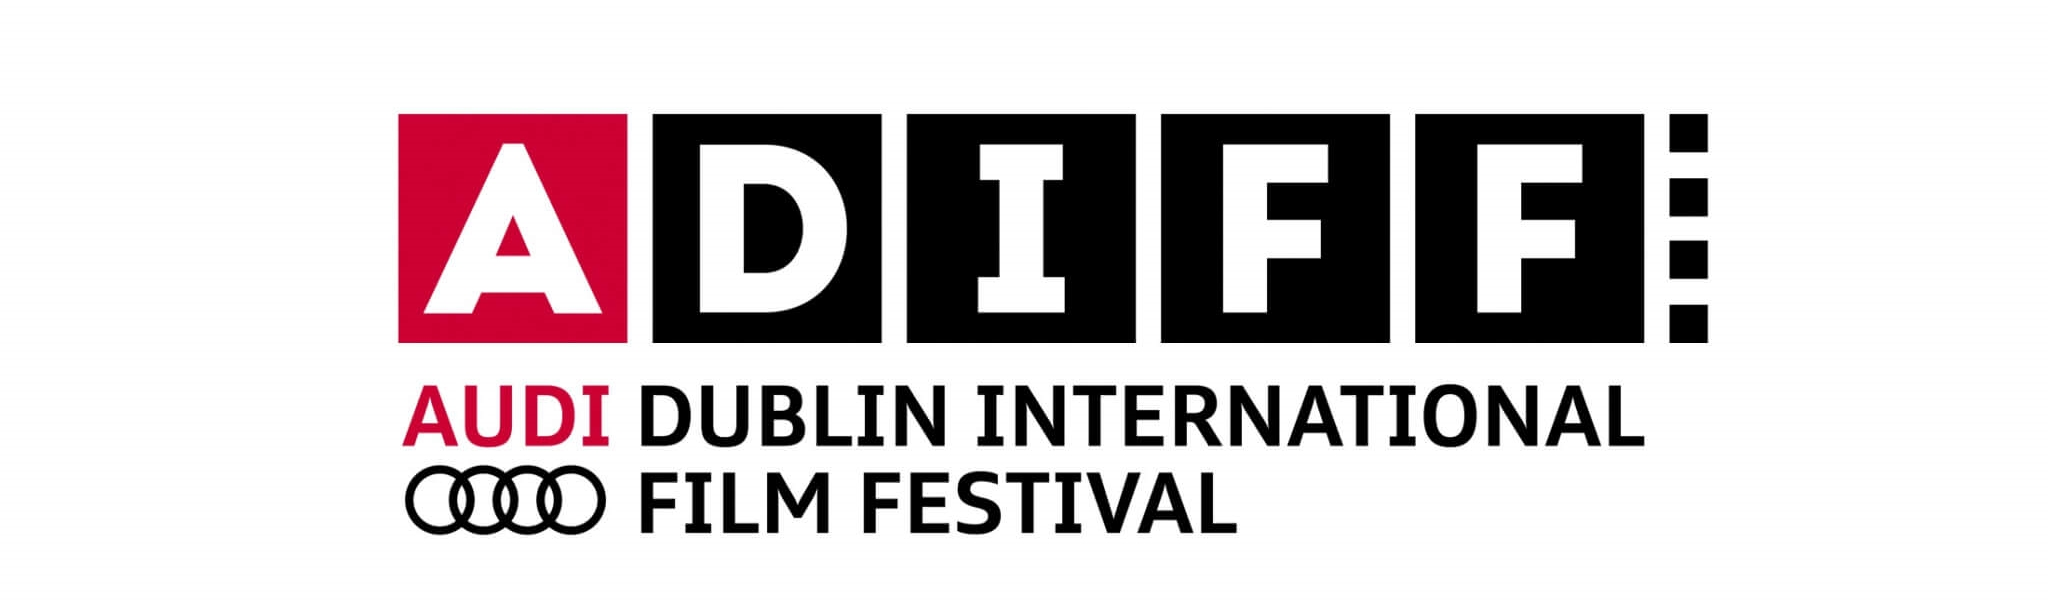 ADIFF-Final-Logo